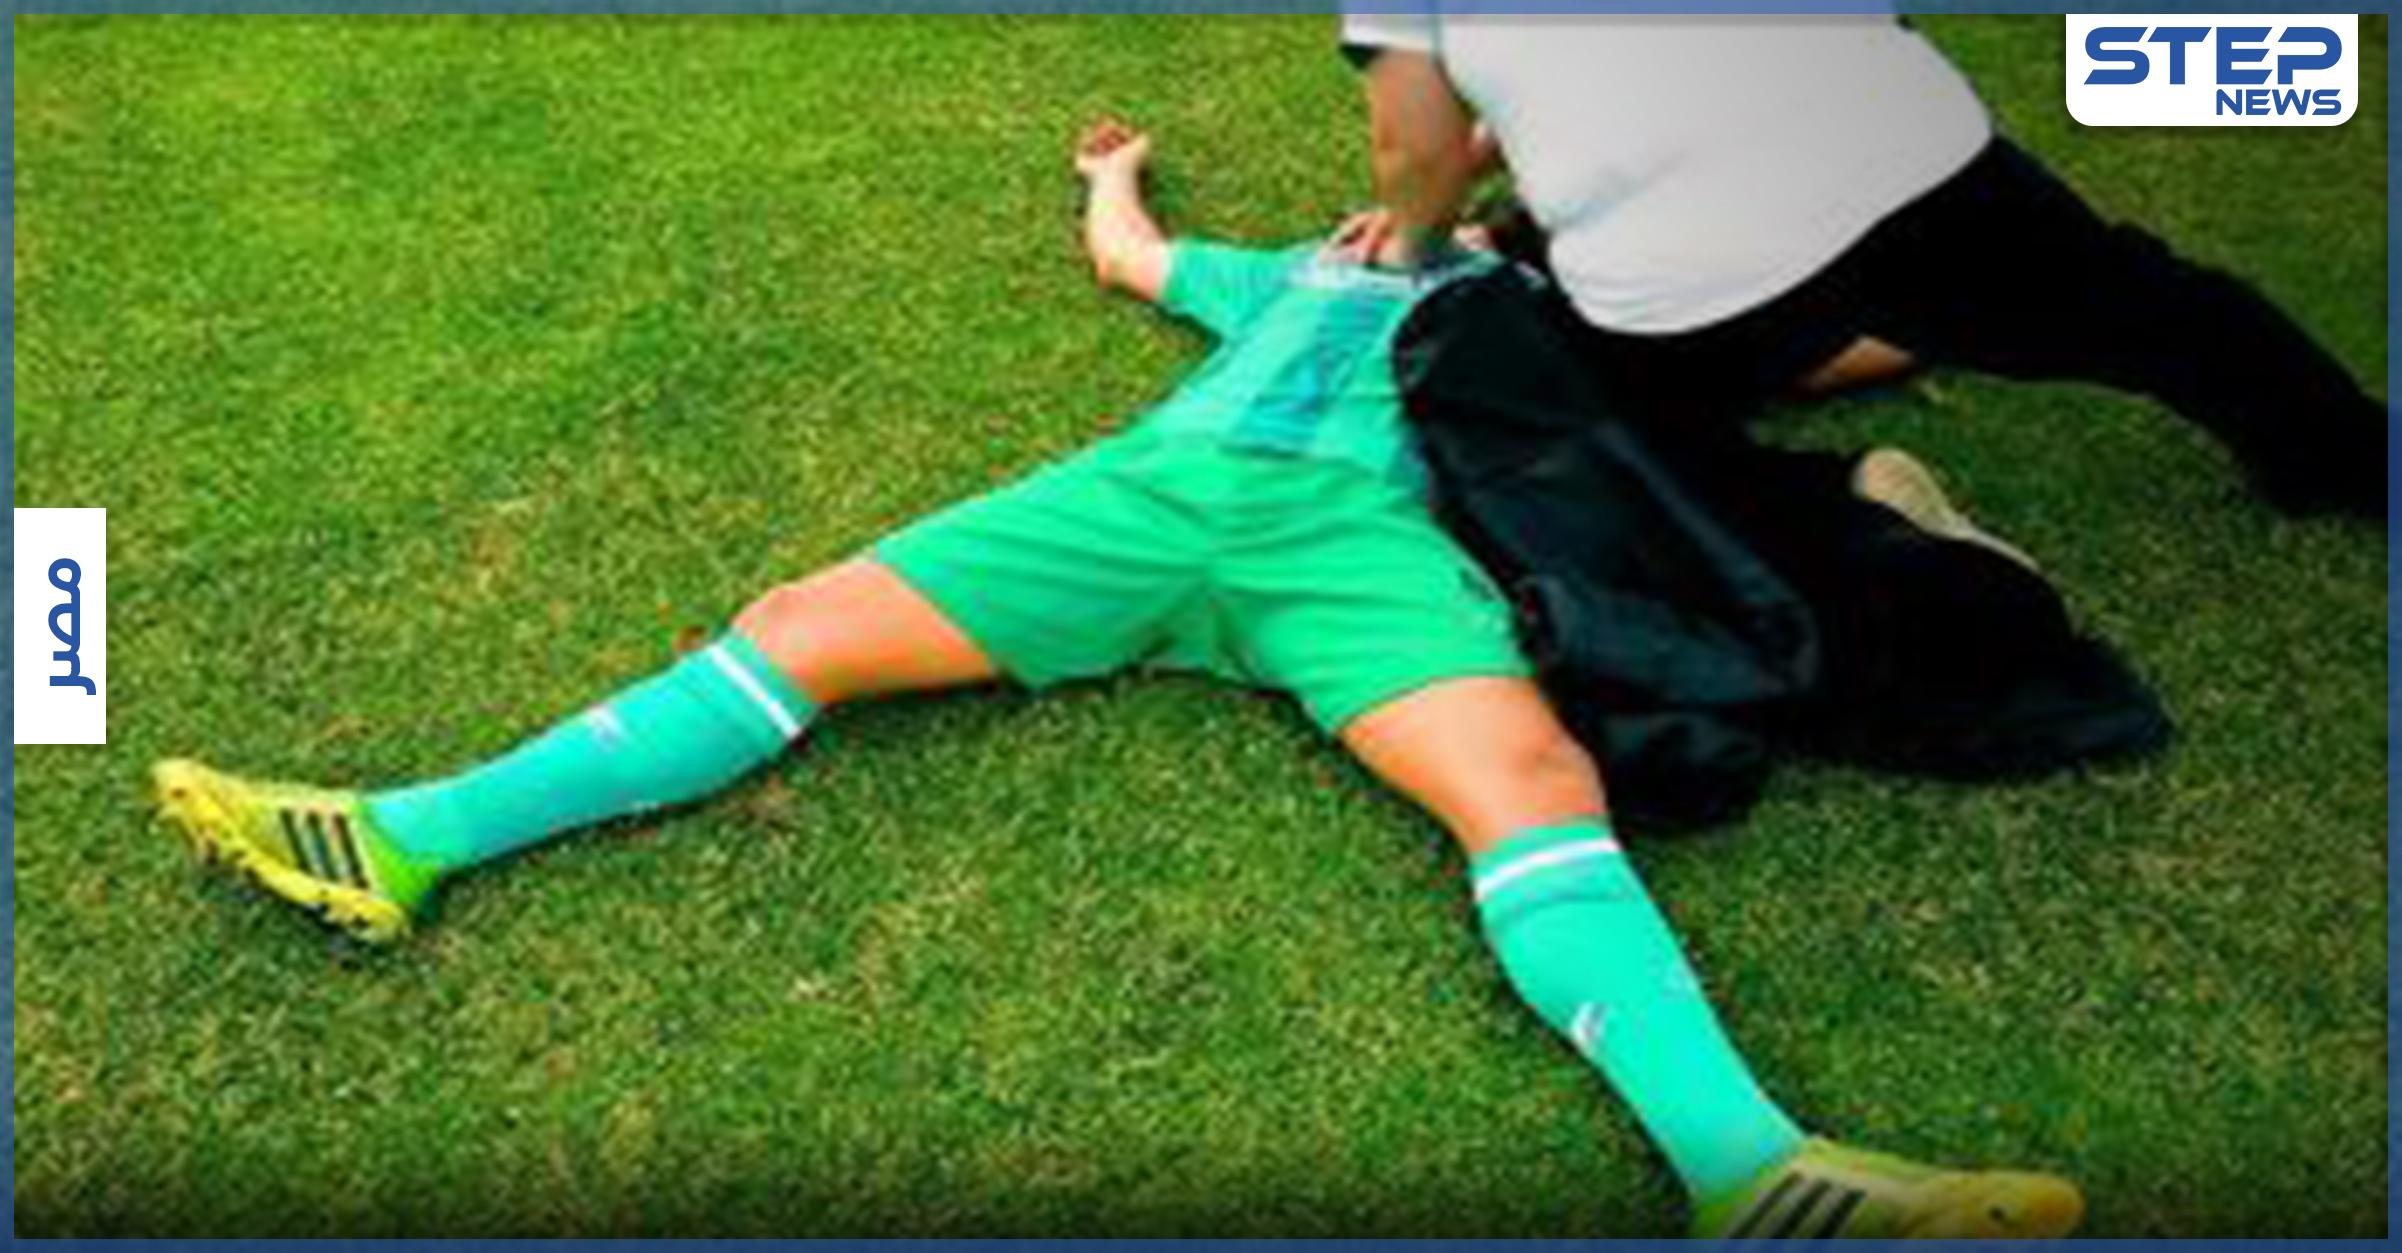 وفاة لاعب خلال مباراة لكرة القدم بمصر